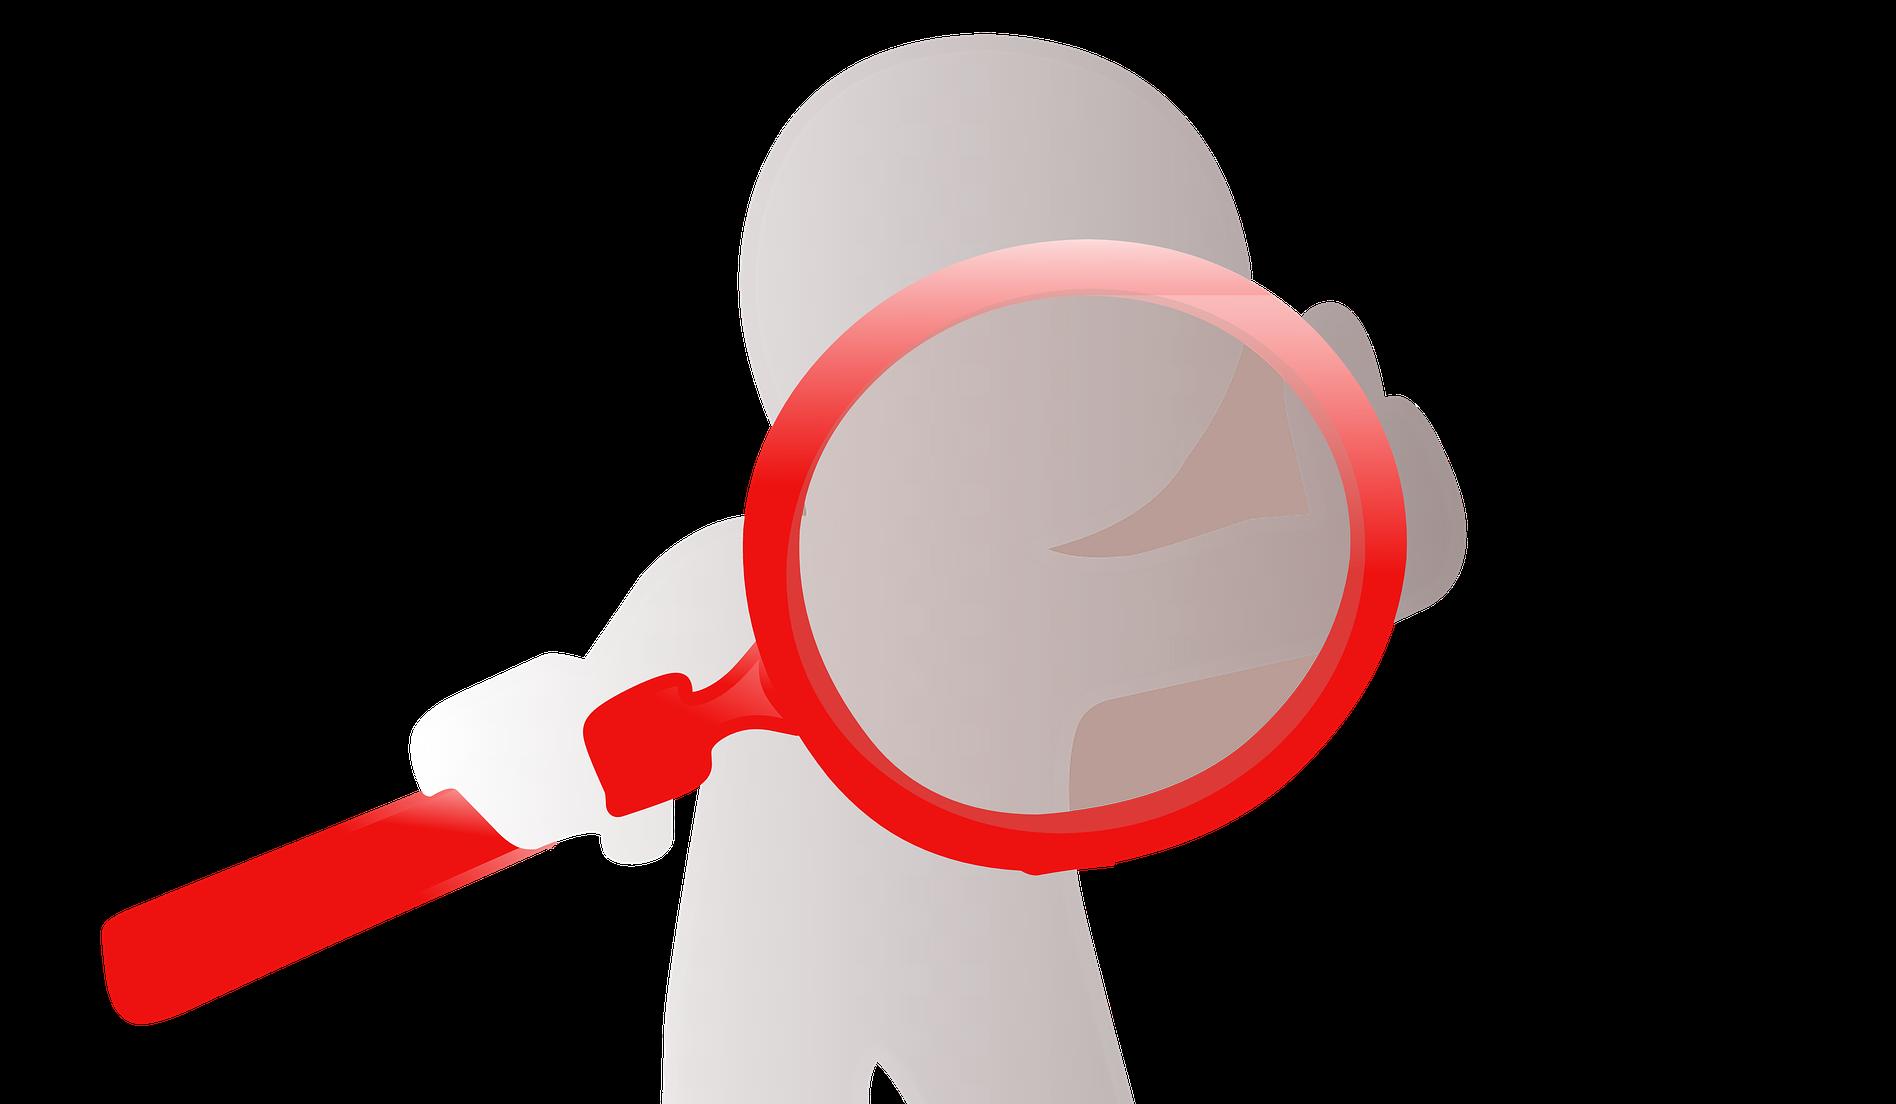 個人情報を特定する方法